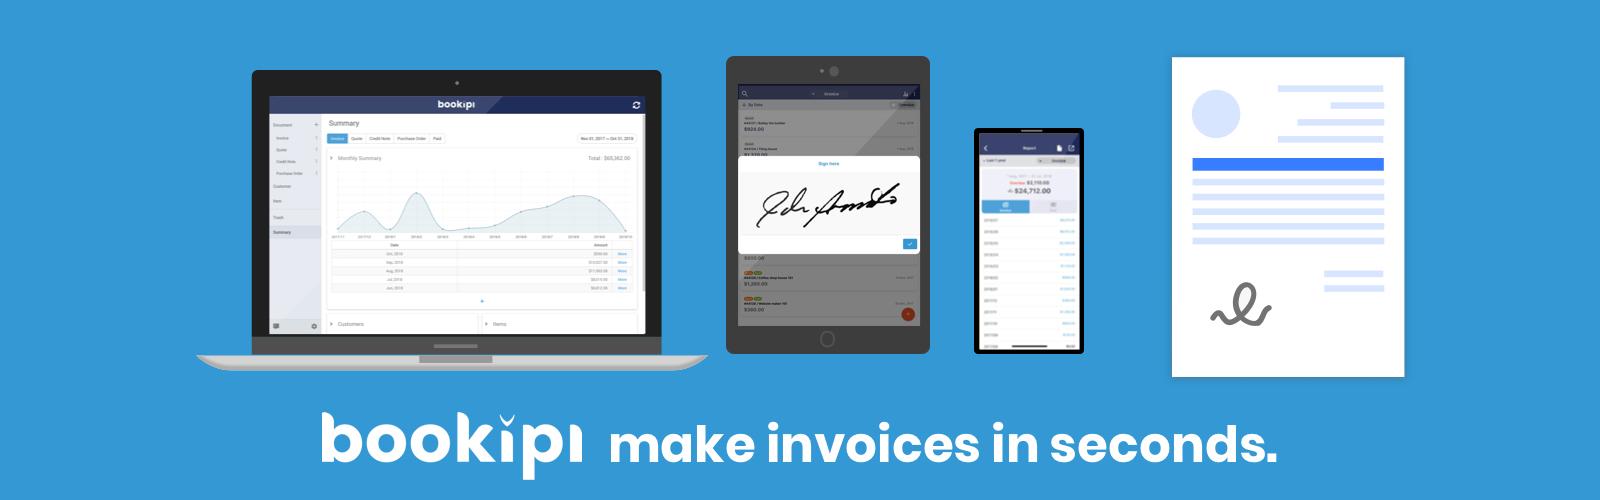 App Spotlight: Bookipi - Invoice Maker